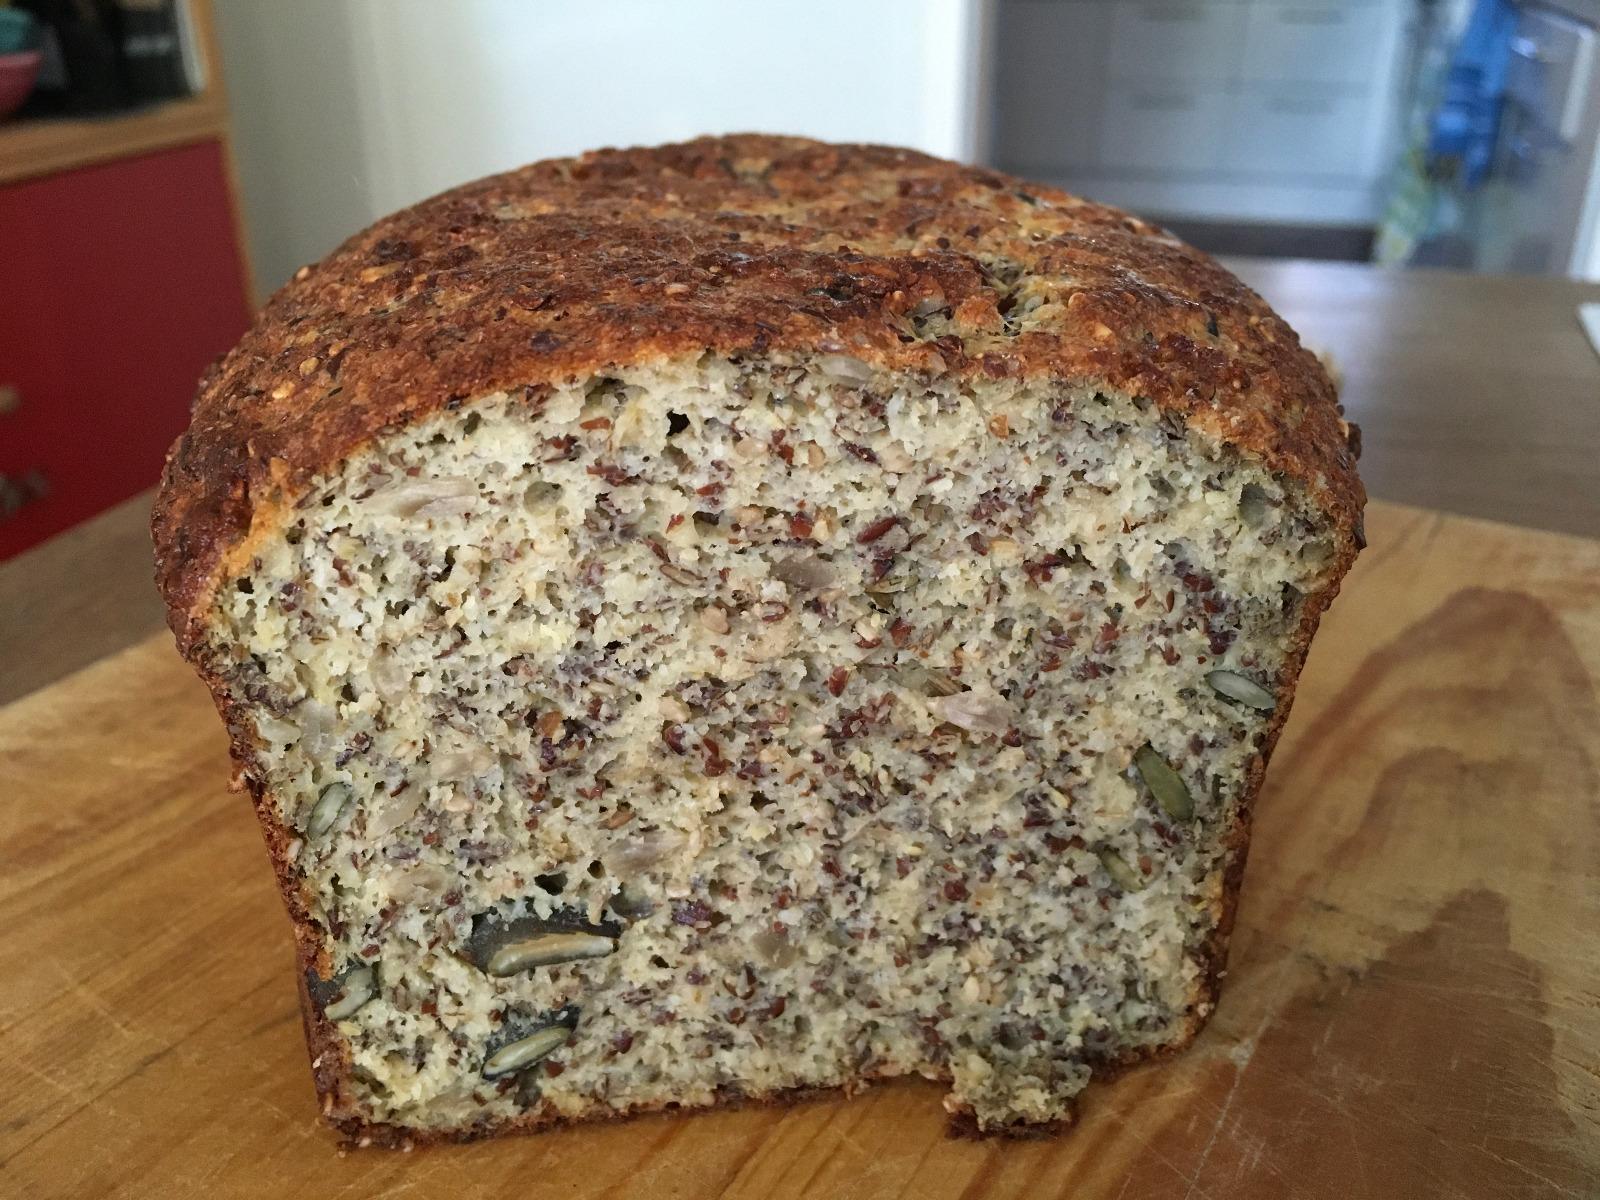 Die Krume ist perfekt und das Brot schmeckt sehr lecker.